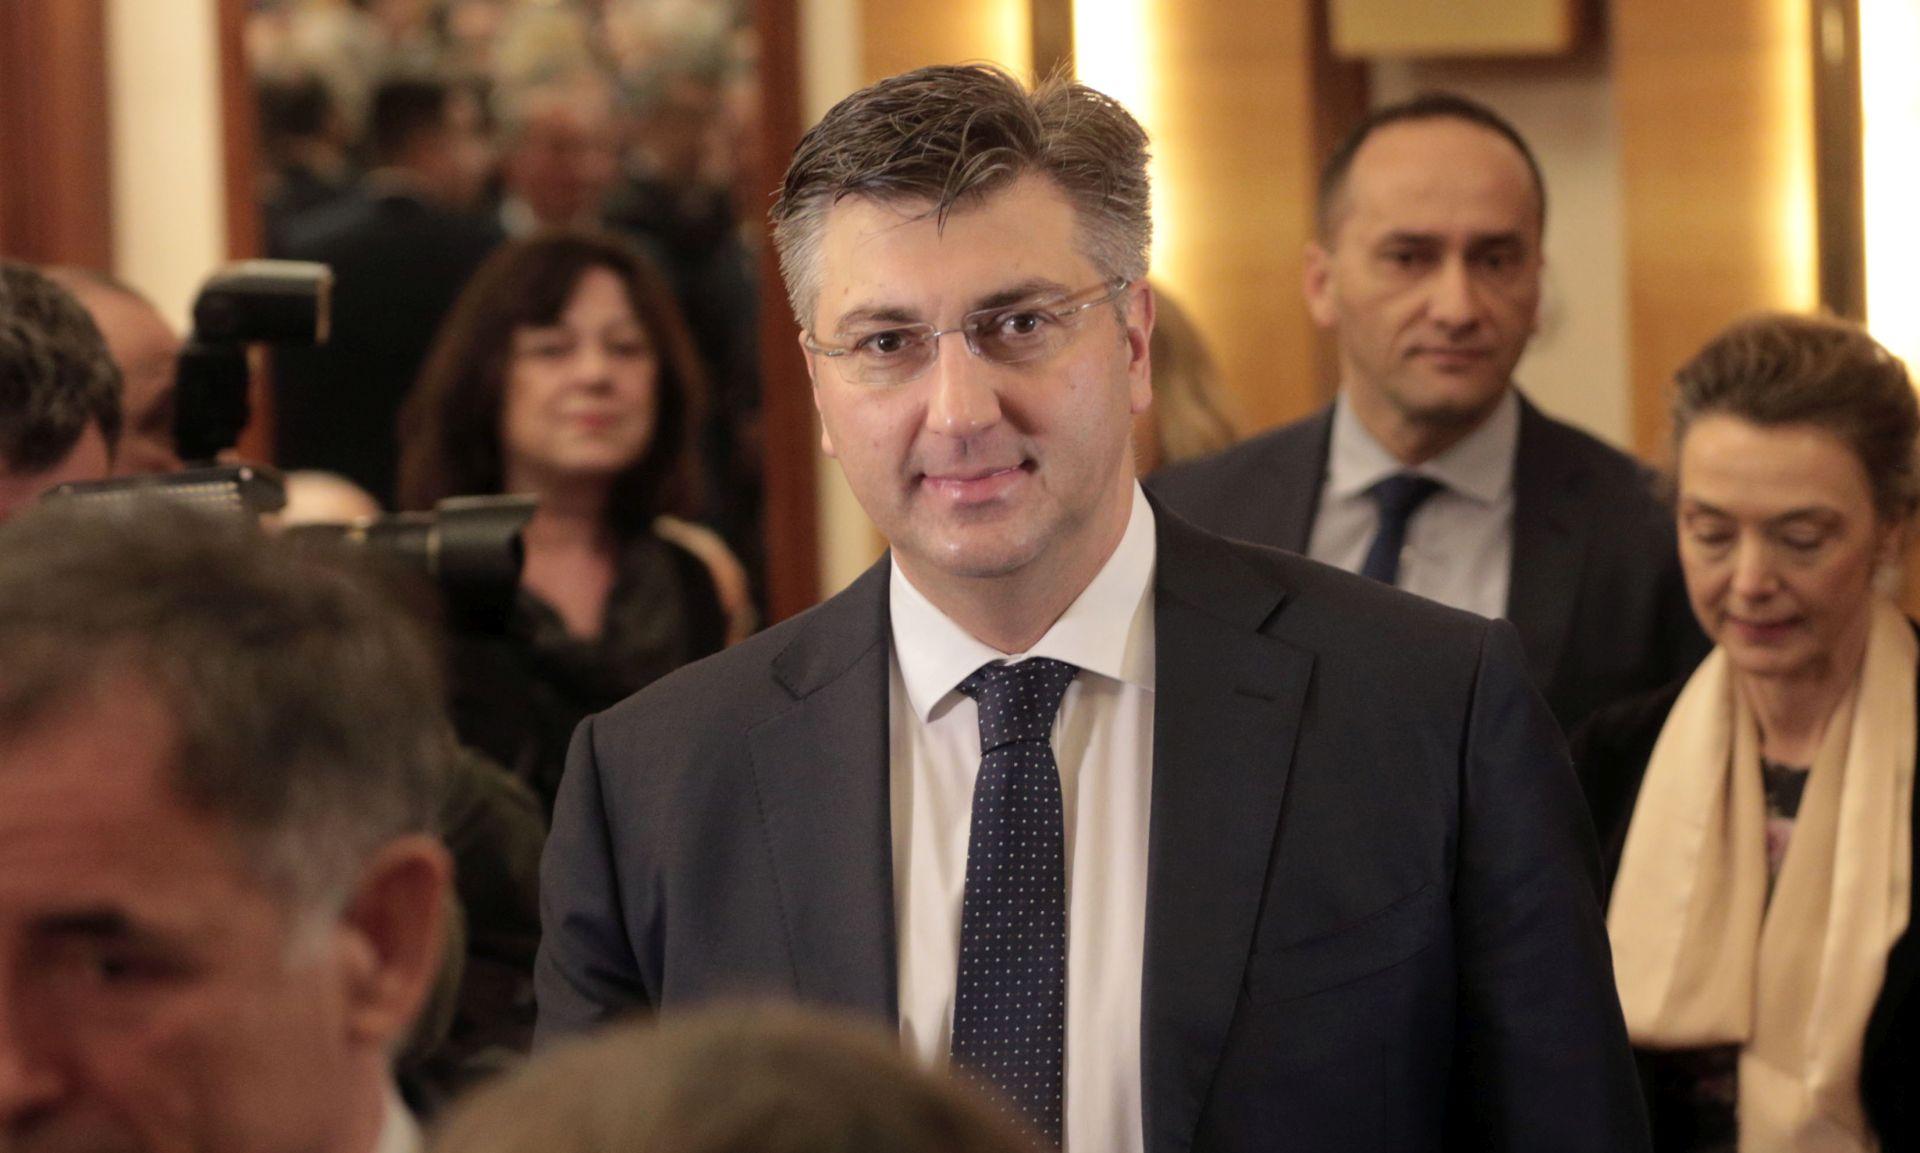 Čestitka predsjednika Vlade Plenkovića pravoslavnim vjernicima za Uskrs